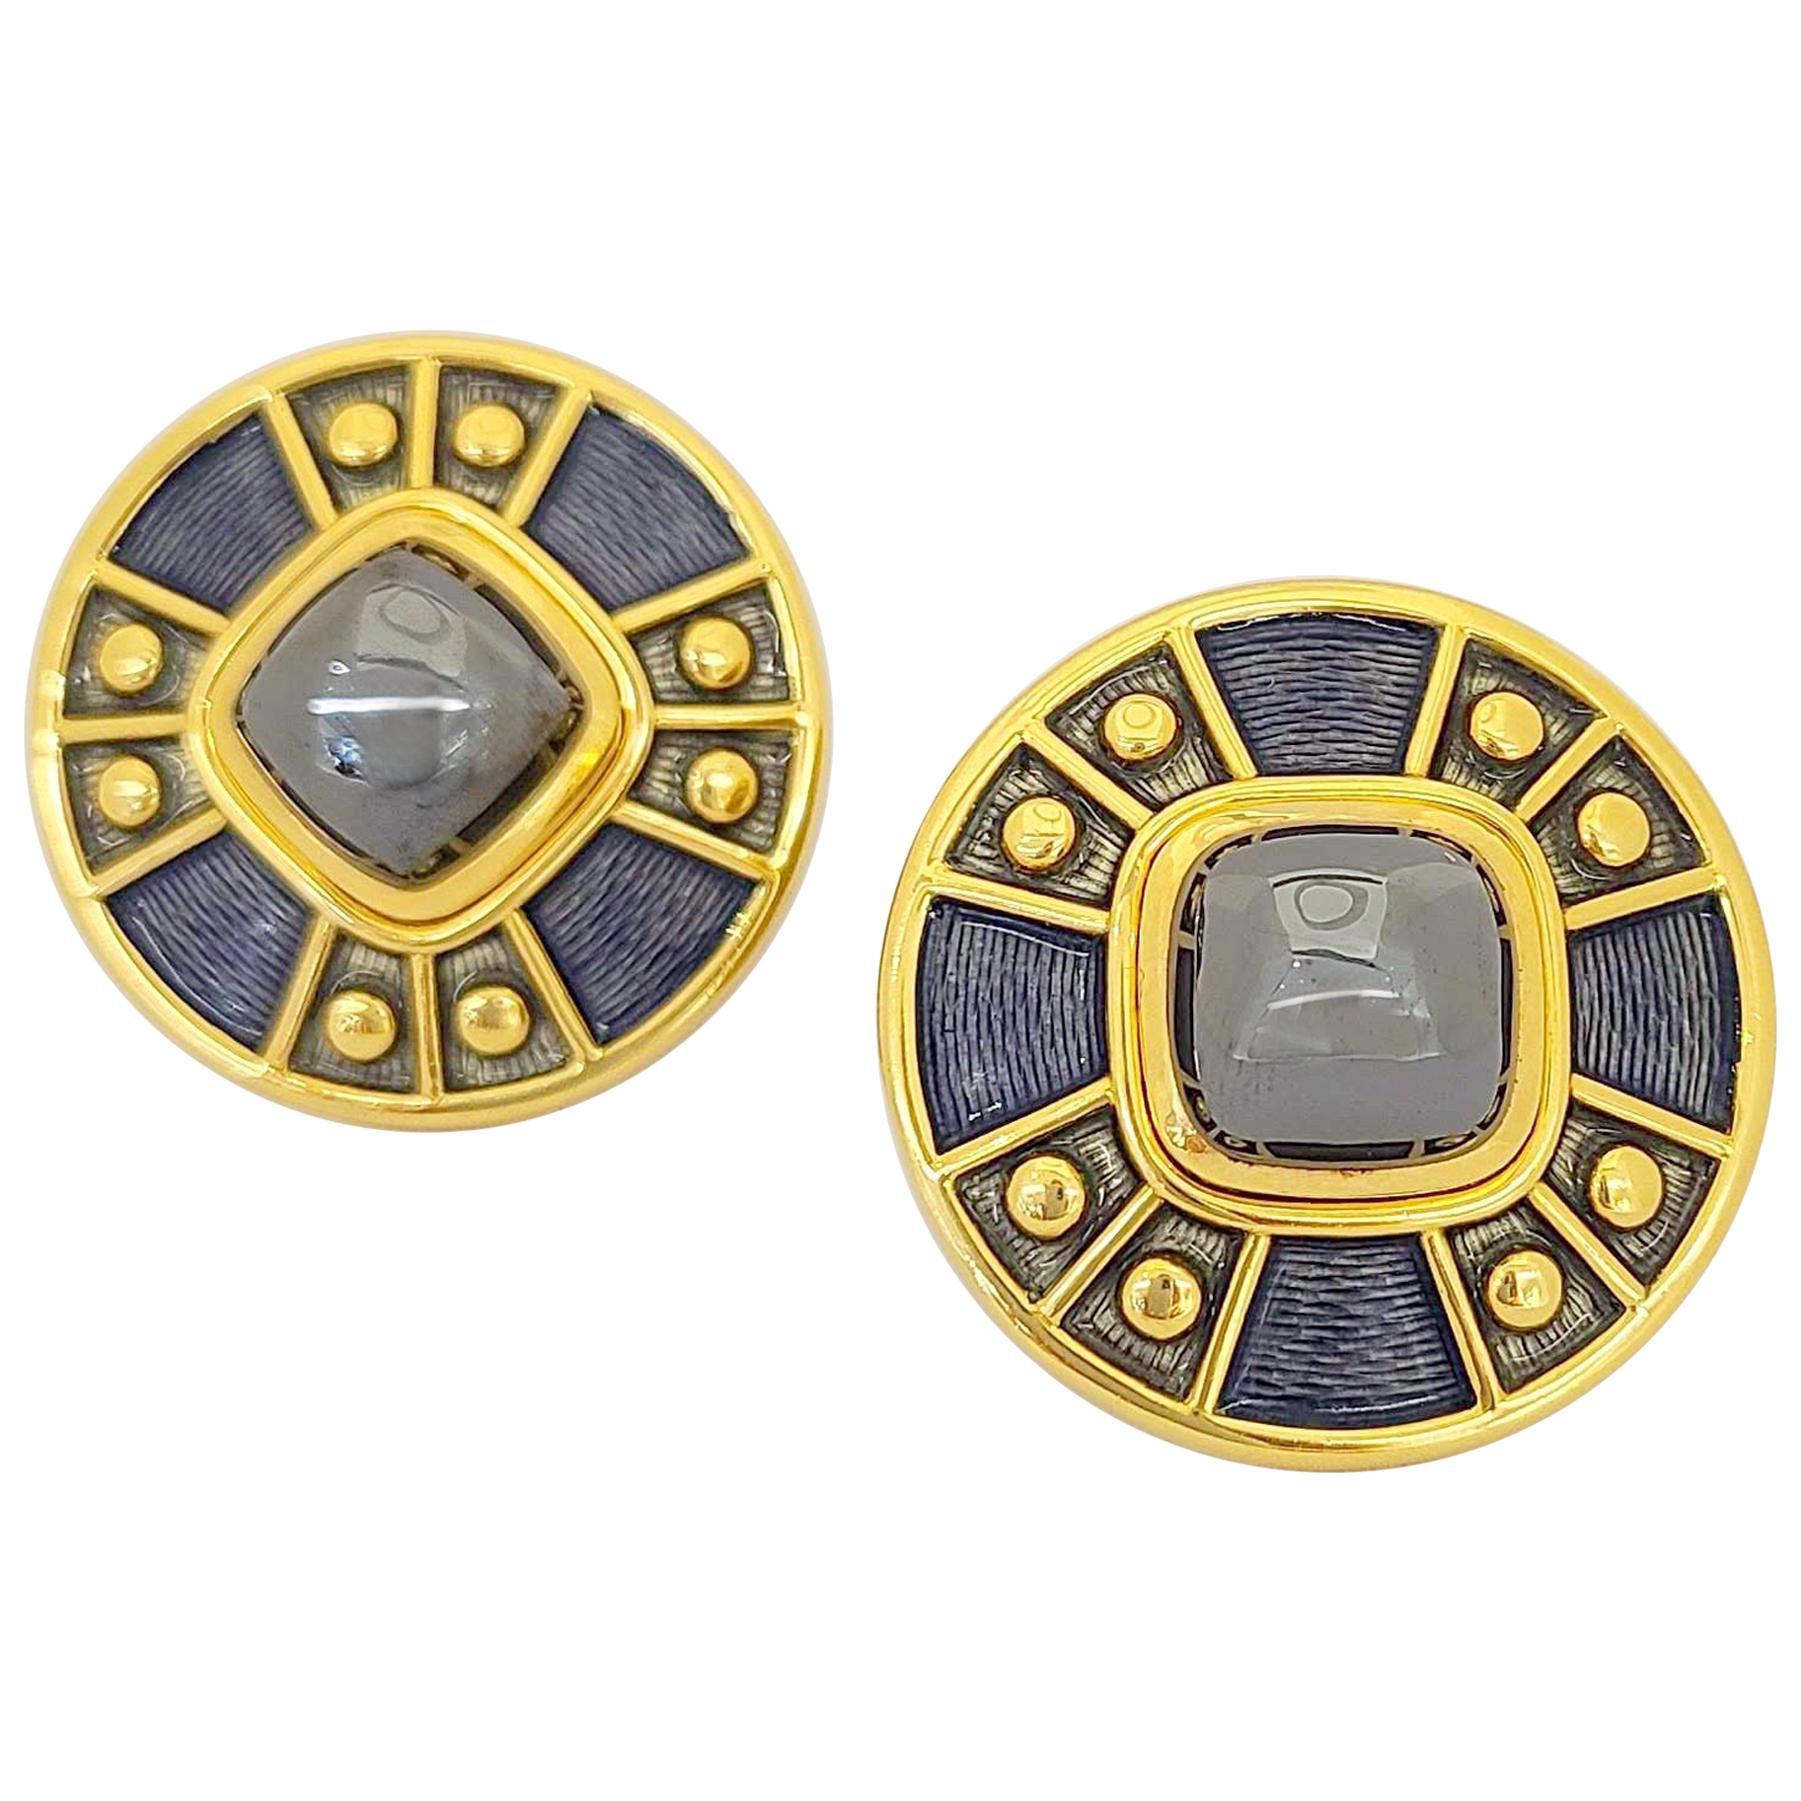 Leo de Vroomen 18 Karat Yellow Gold Earrings with Hematite and Enamel